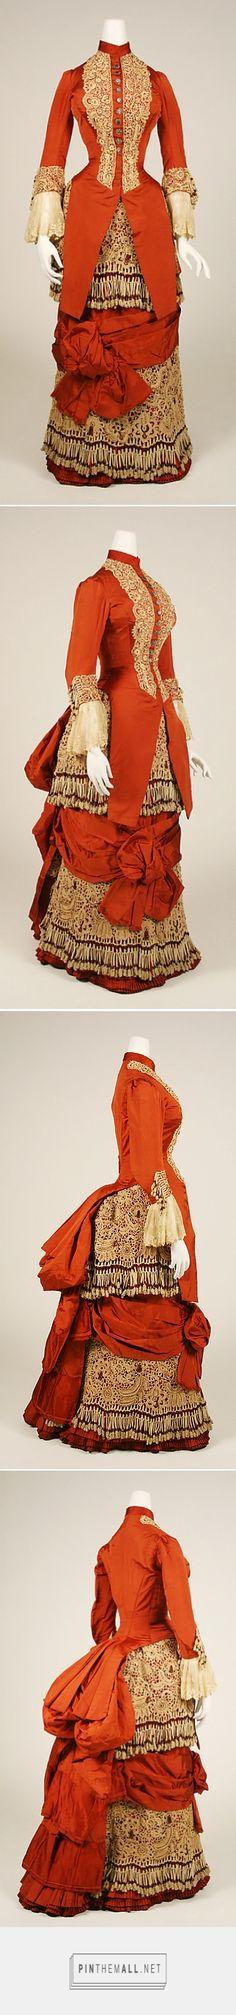 Dress ca. 1880 American | The Metropolitan Museum of Art